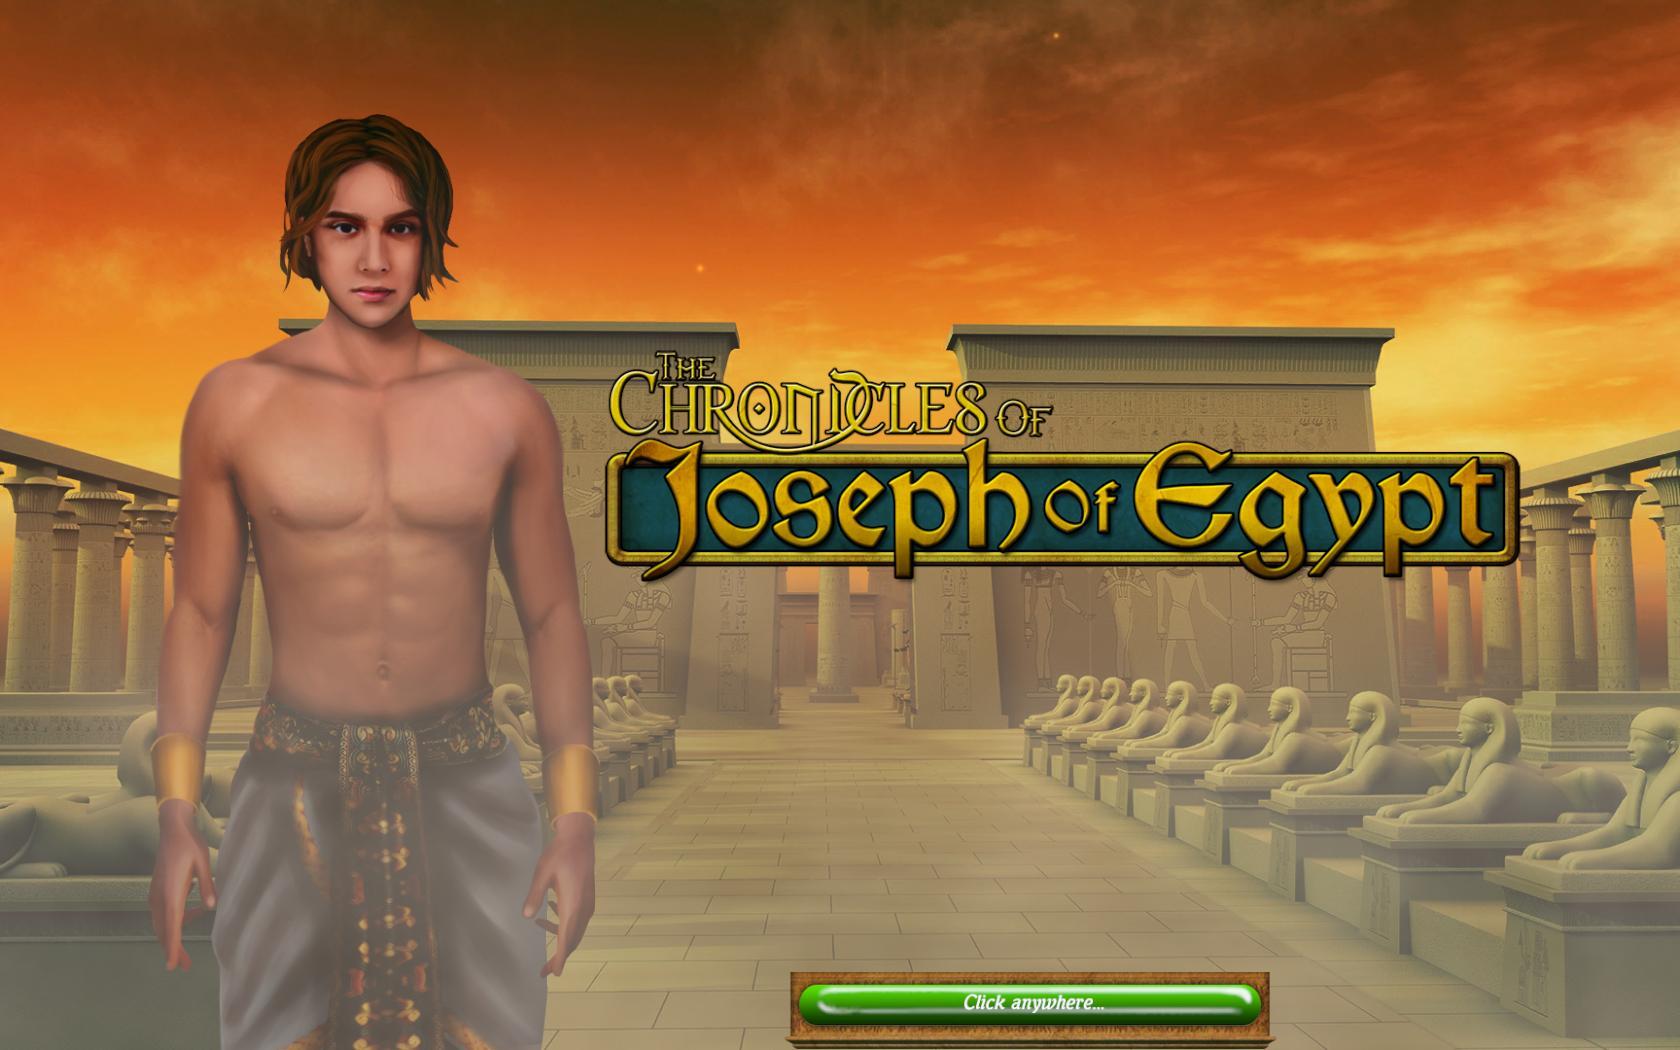 The Chronicles of Joseph of Egypt (En)